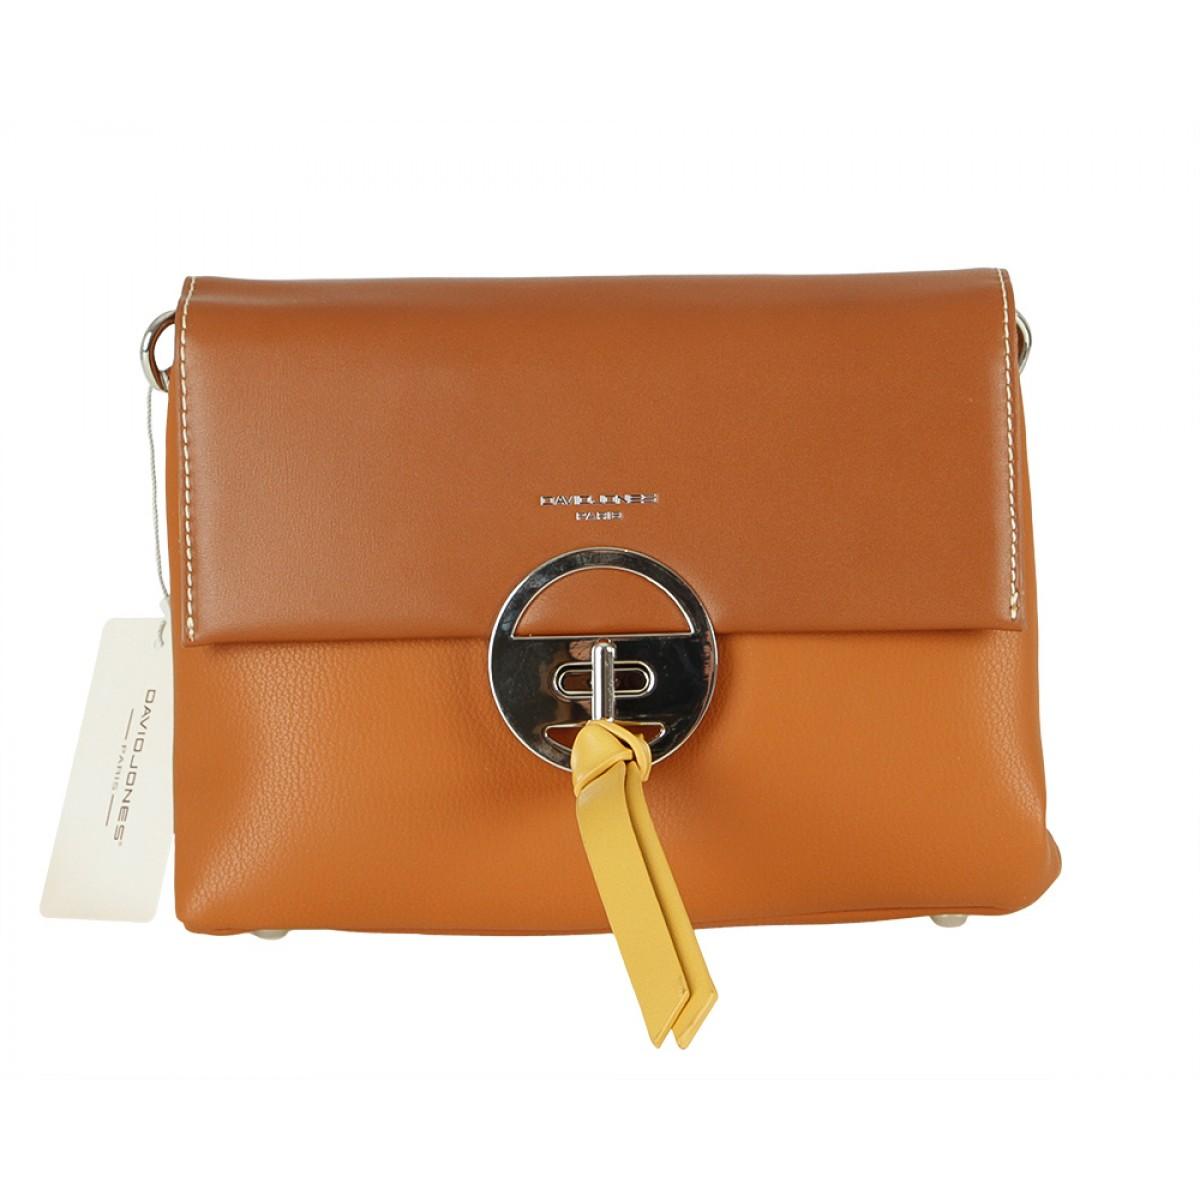 Жіноча сумка David Jones 6213-1 COGNAC